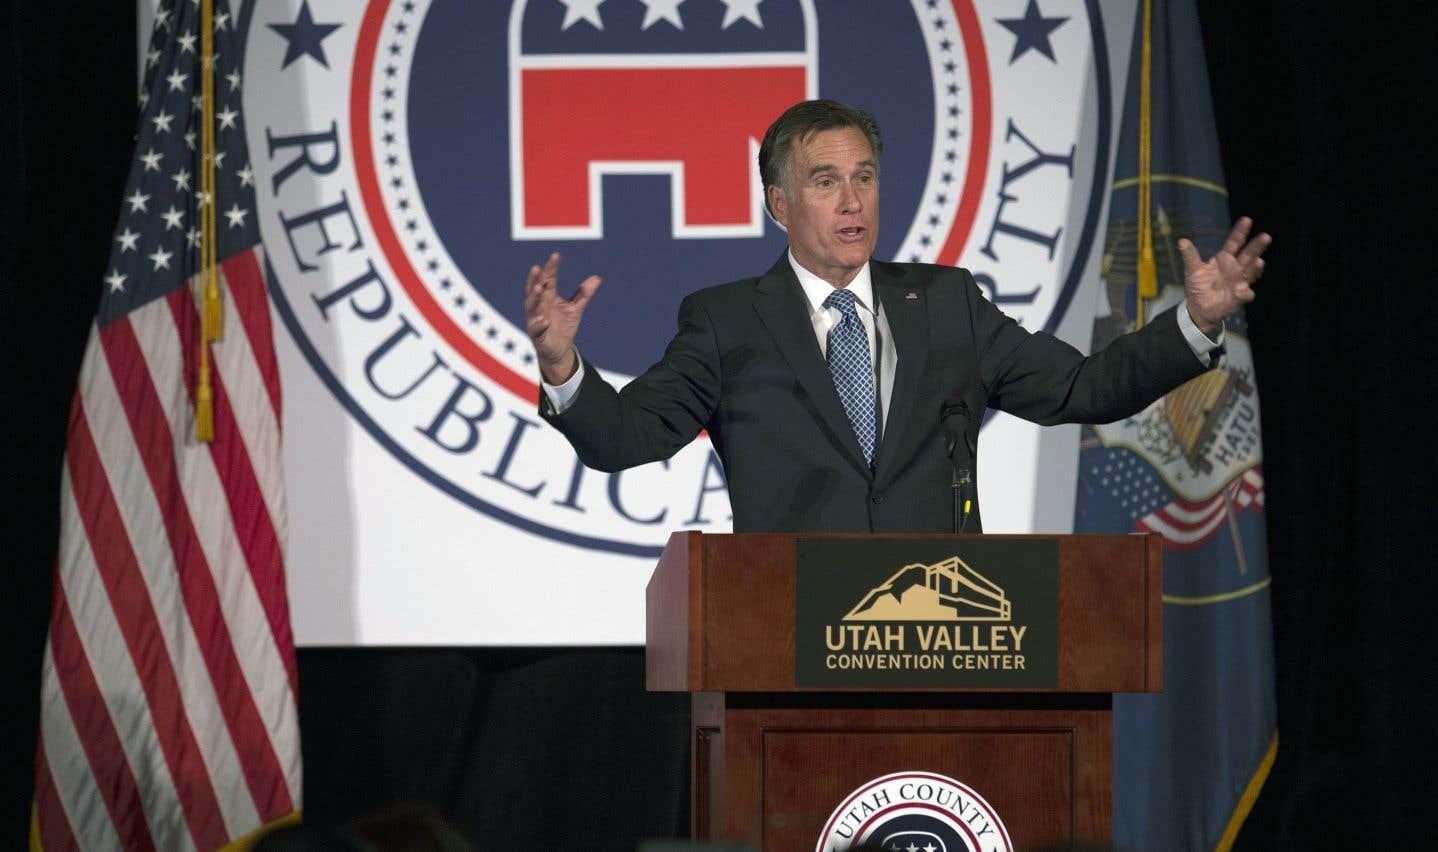 Mitt Romney, qui avait été battu par Barack Obama en 2012, a annoncé la semaine dernière sa candidature au Sénat, marquant ainsi son retour dans la vie politique américaine.